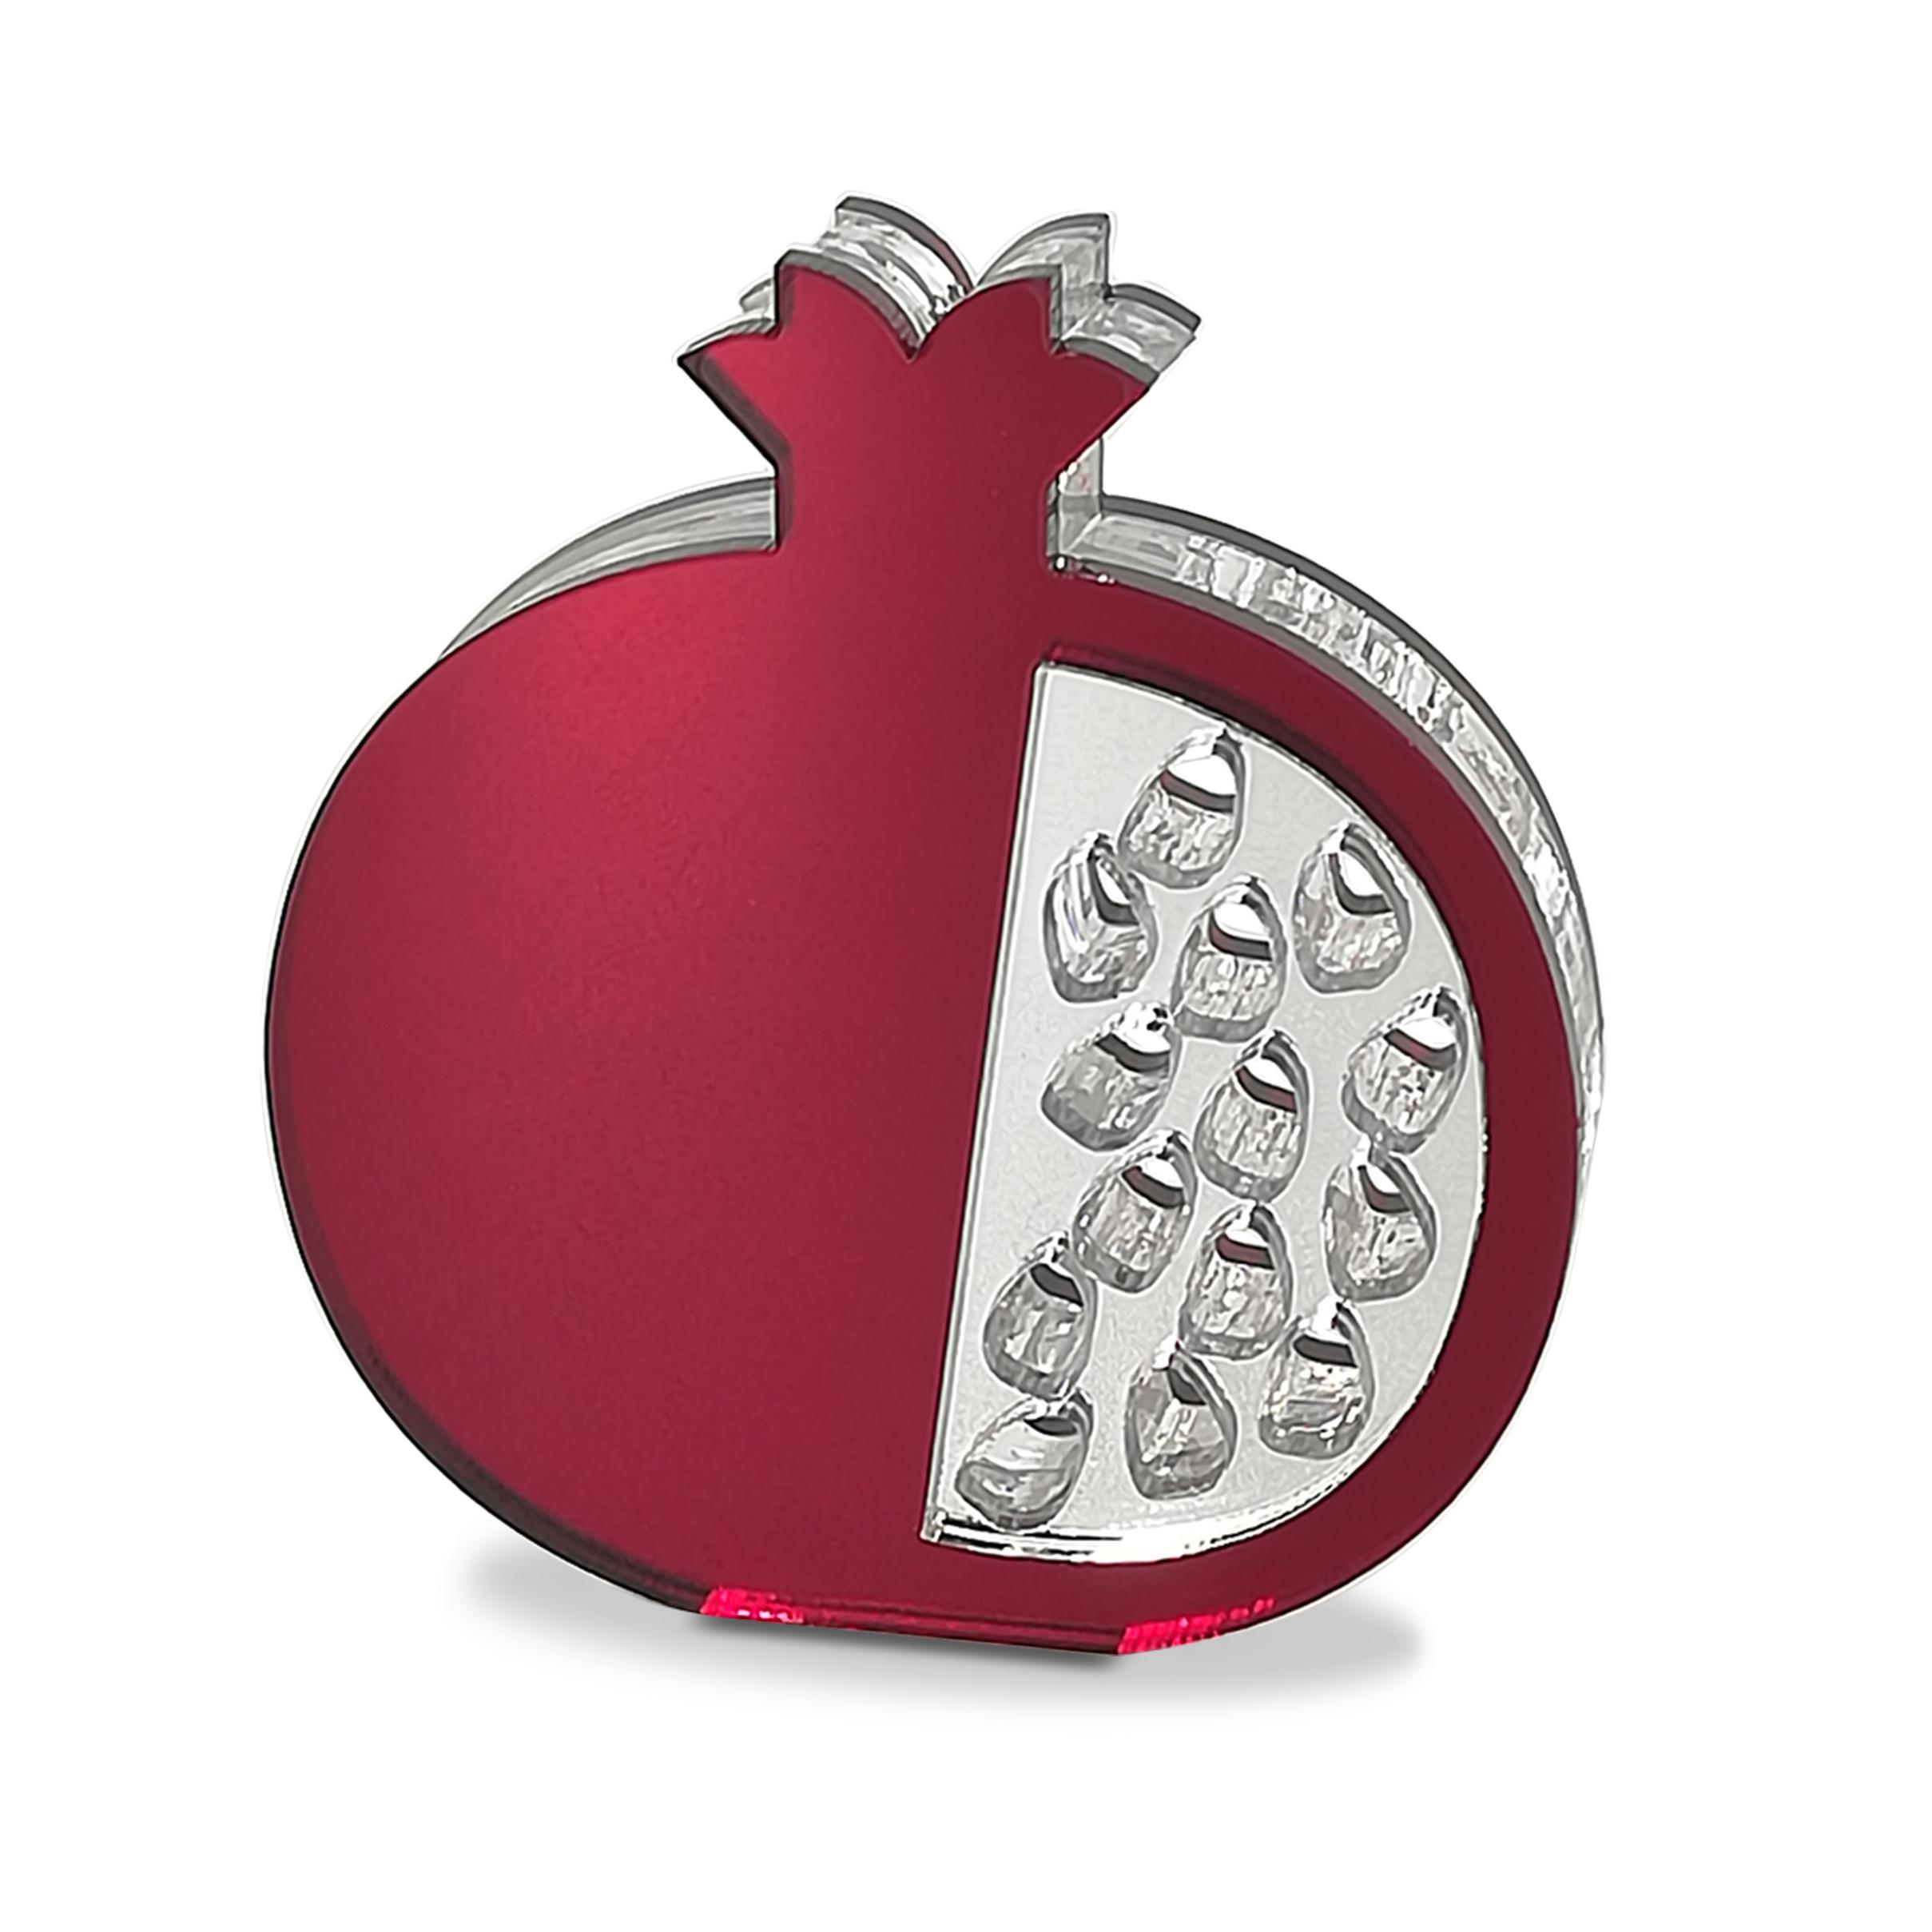 desk-ornament-plexiglass-pomegranate-016